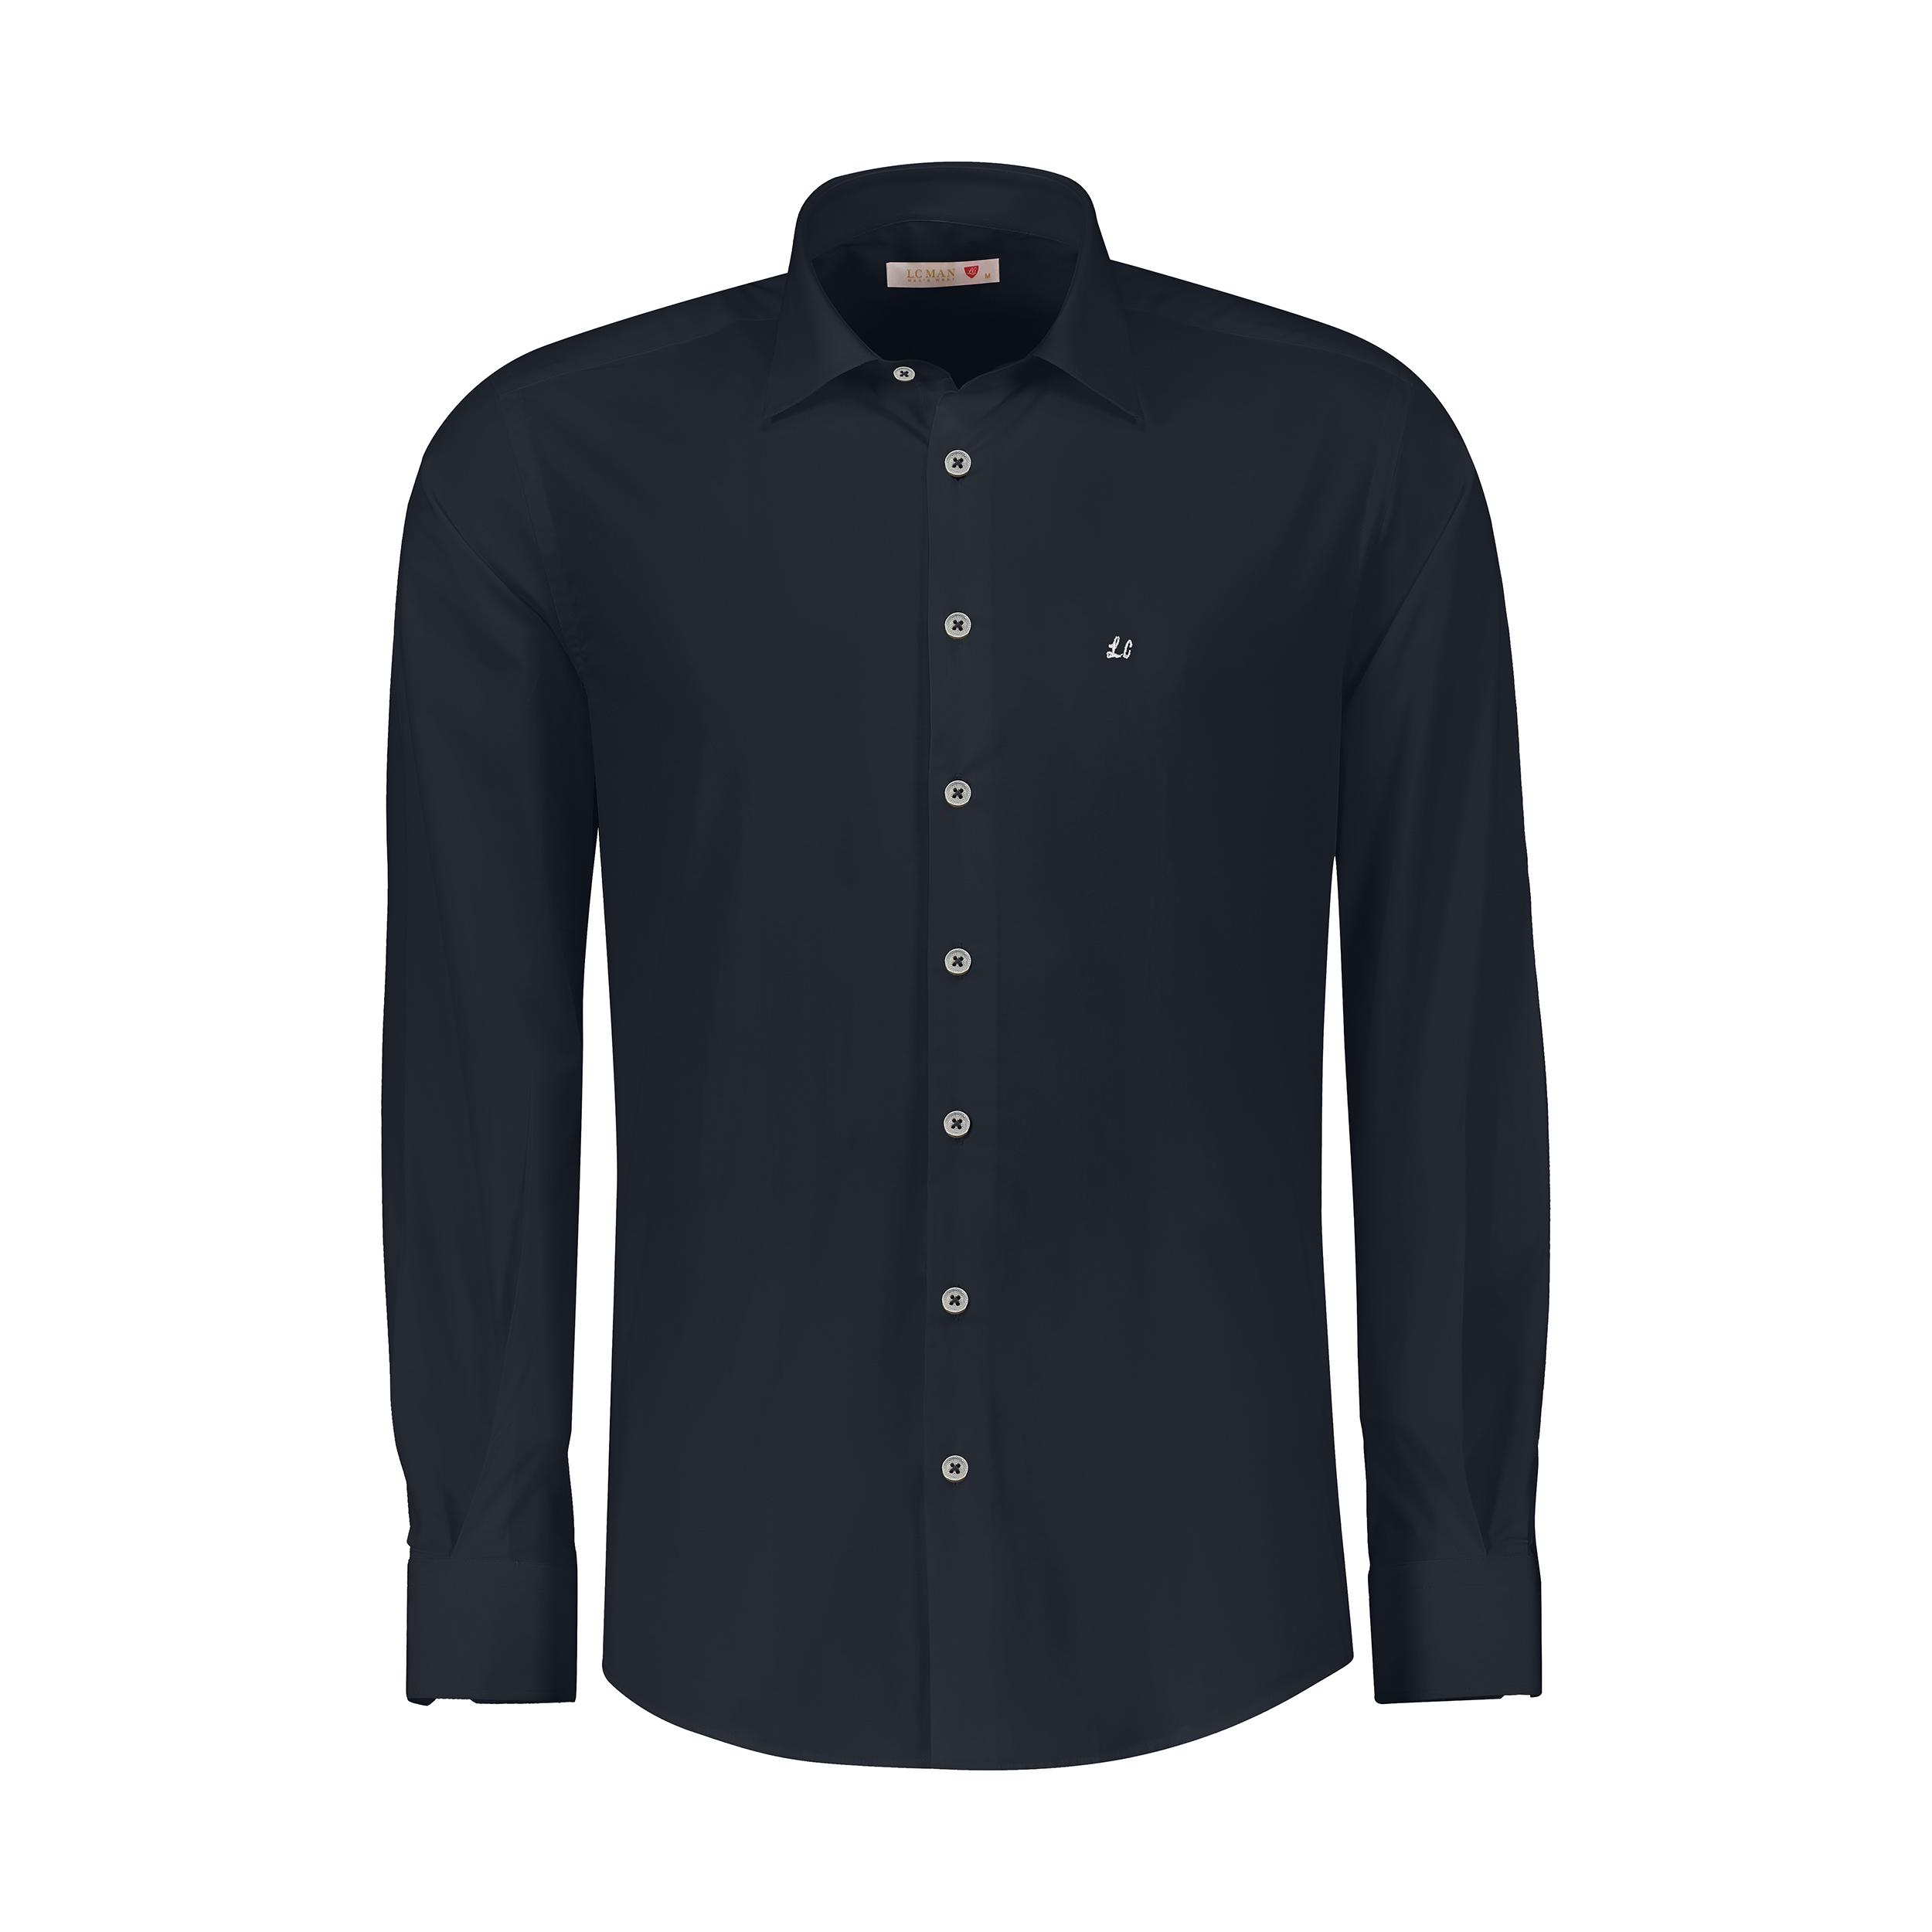 پیراهن مردانه ال سی من مدل 02181042-167